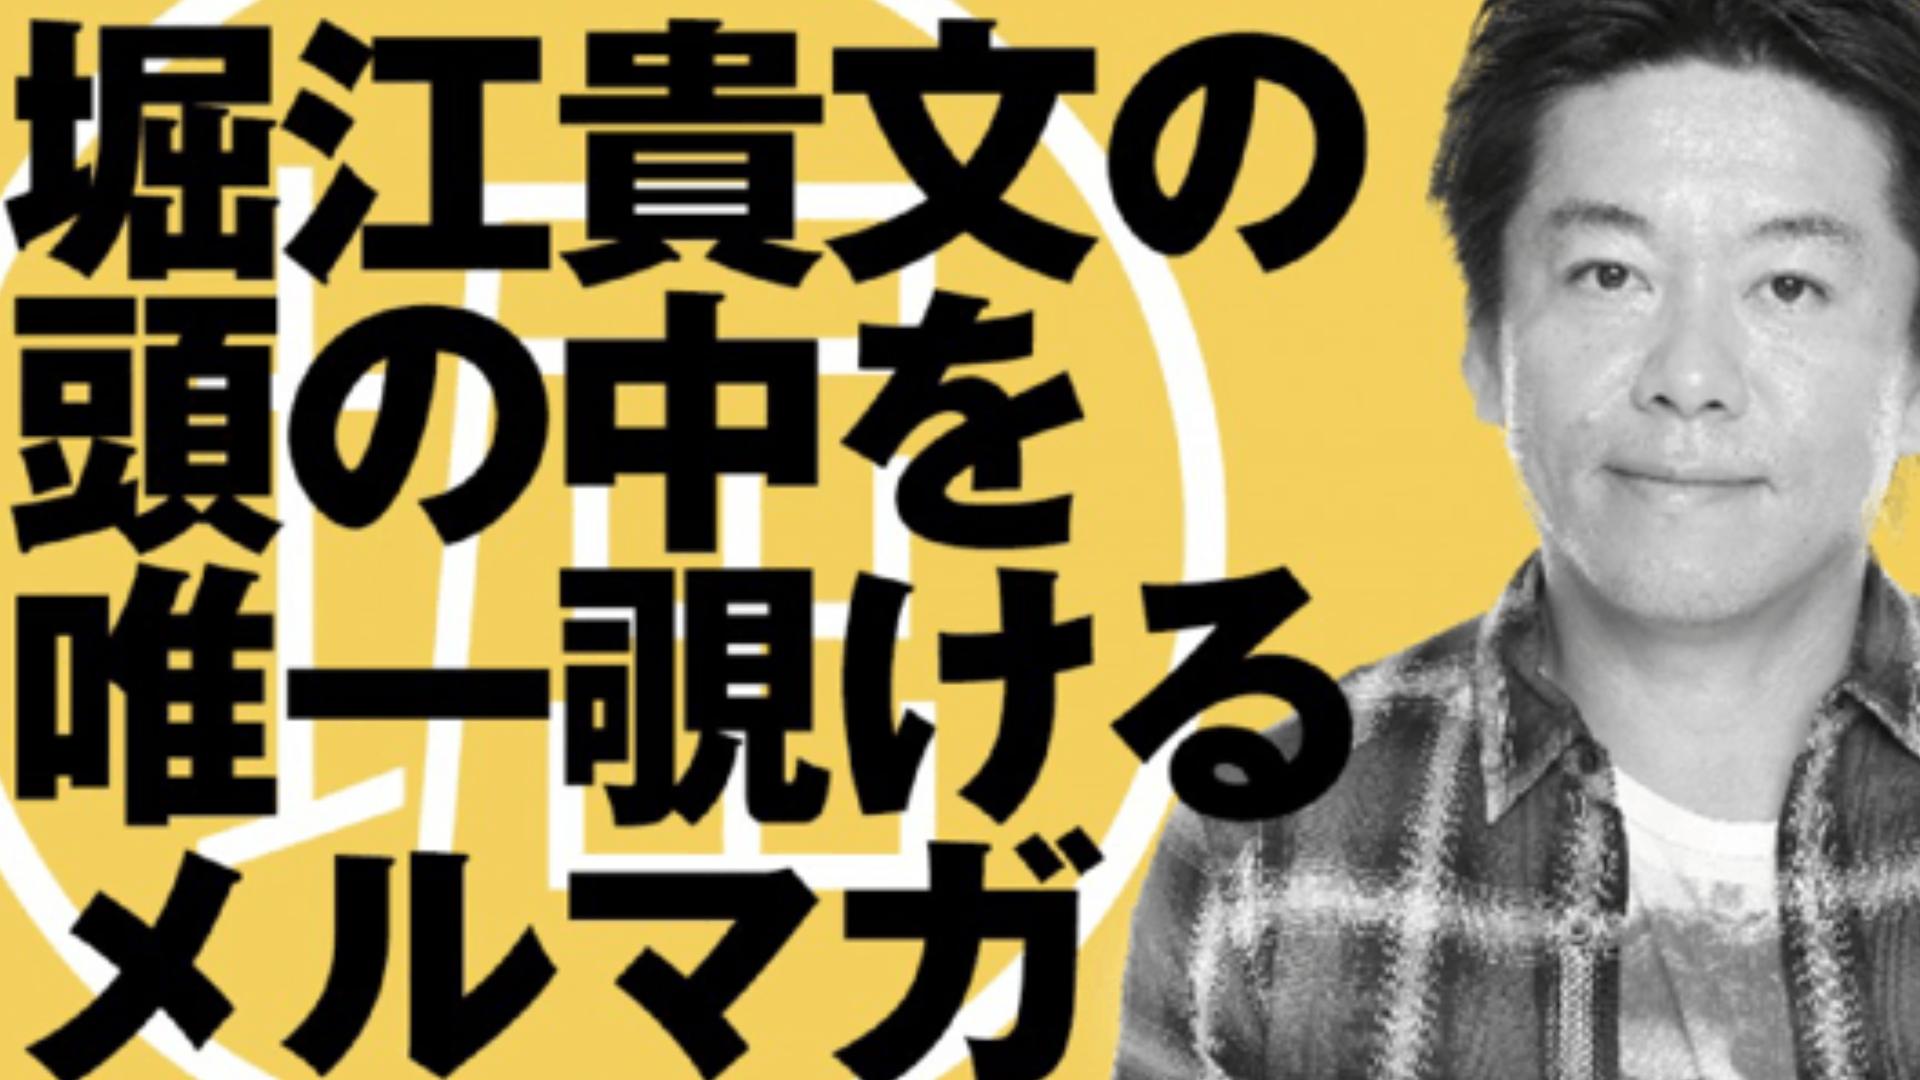 堀江貴文のブログでは言えない話(サロン版)